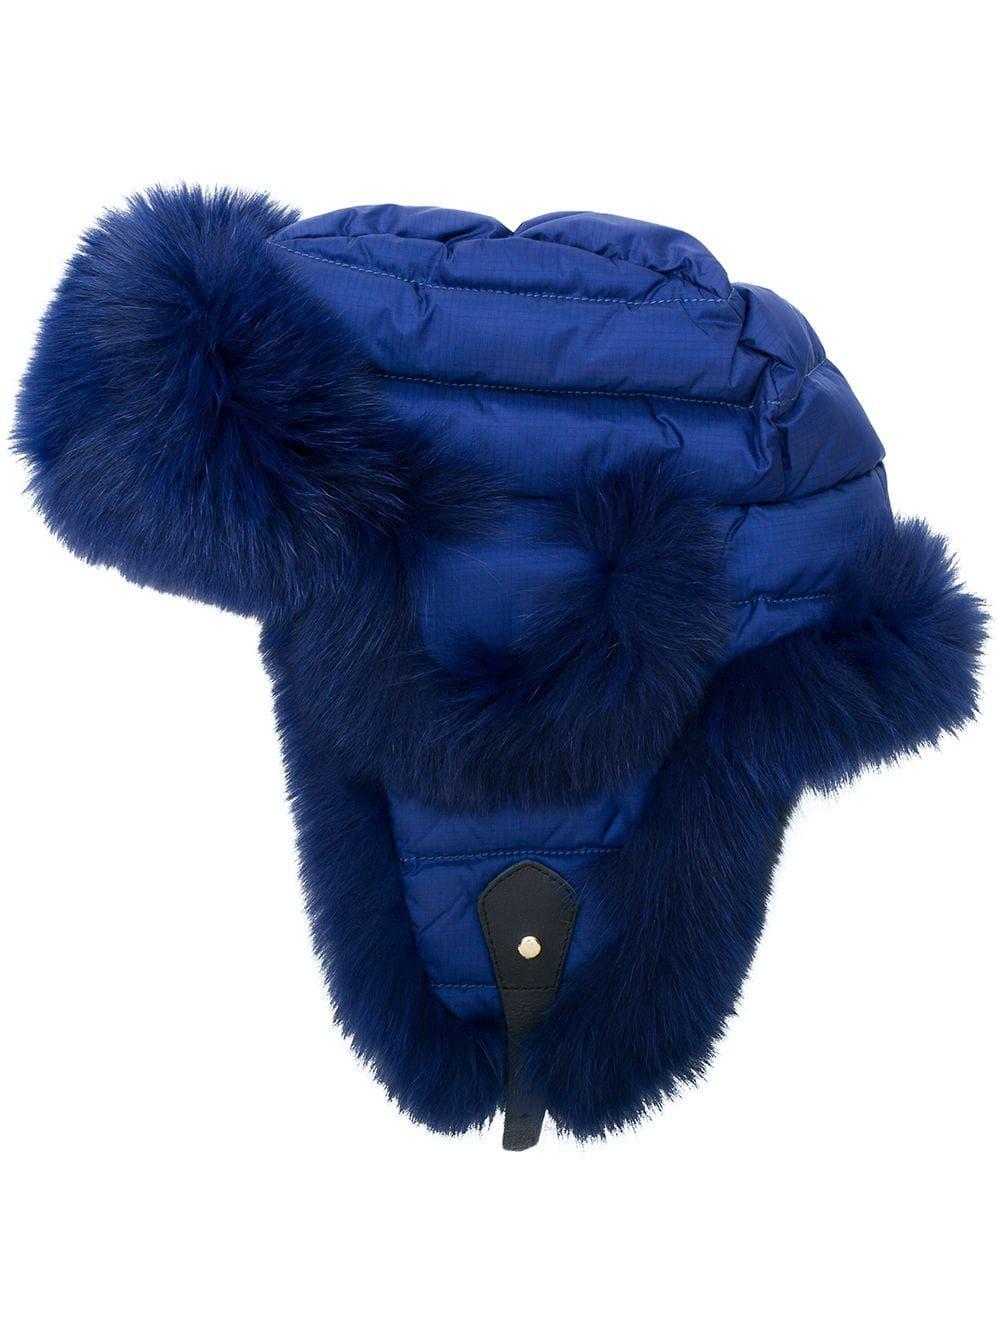 2f6171a64 Liska padded fur trim hat - Blue in 2019 | Products | Fur trim, Fur ...